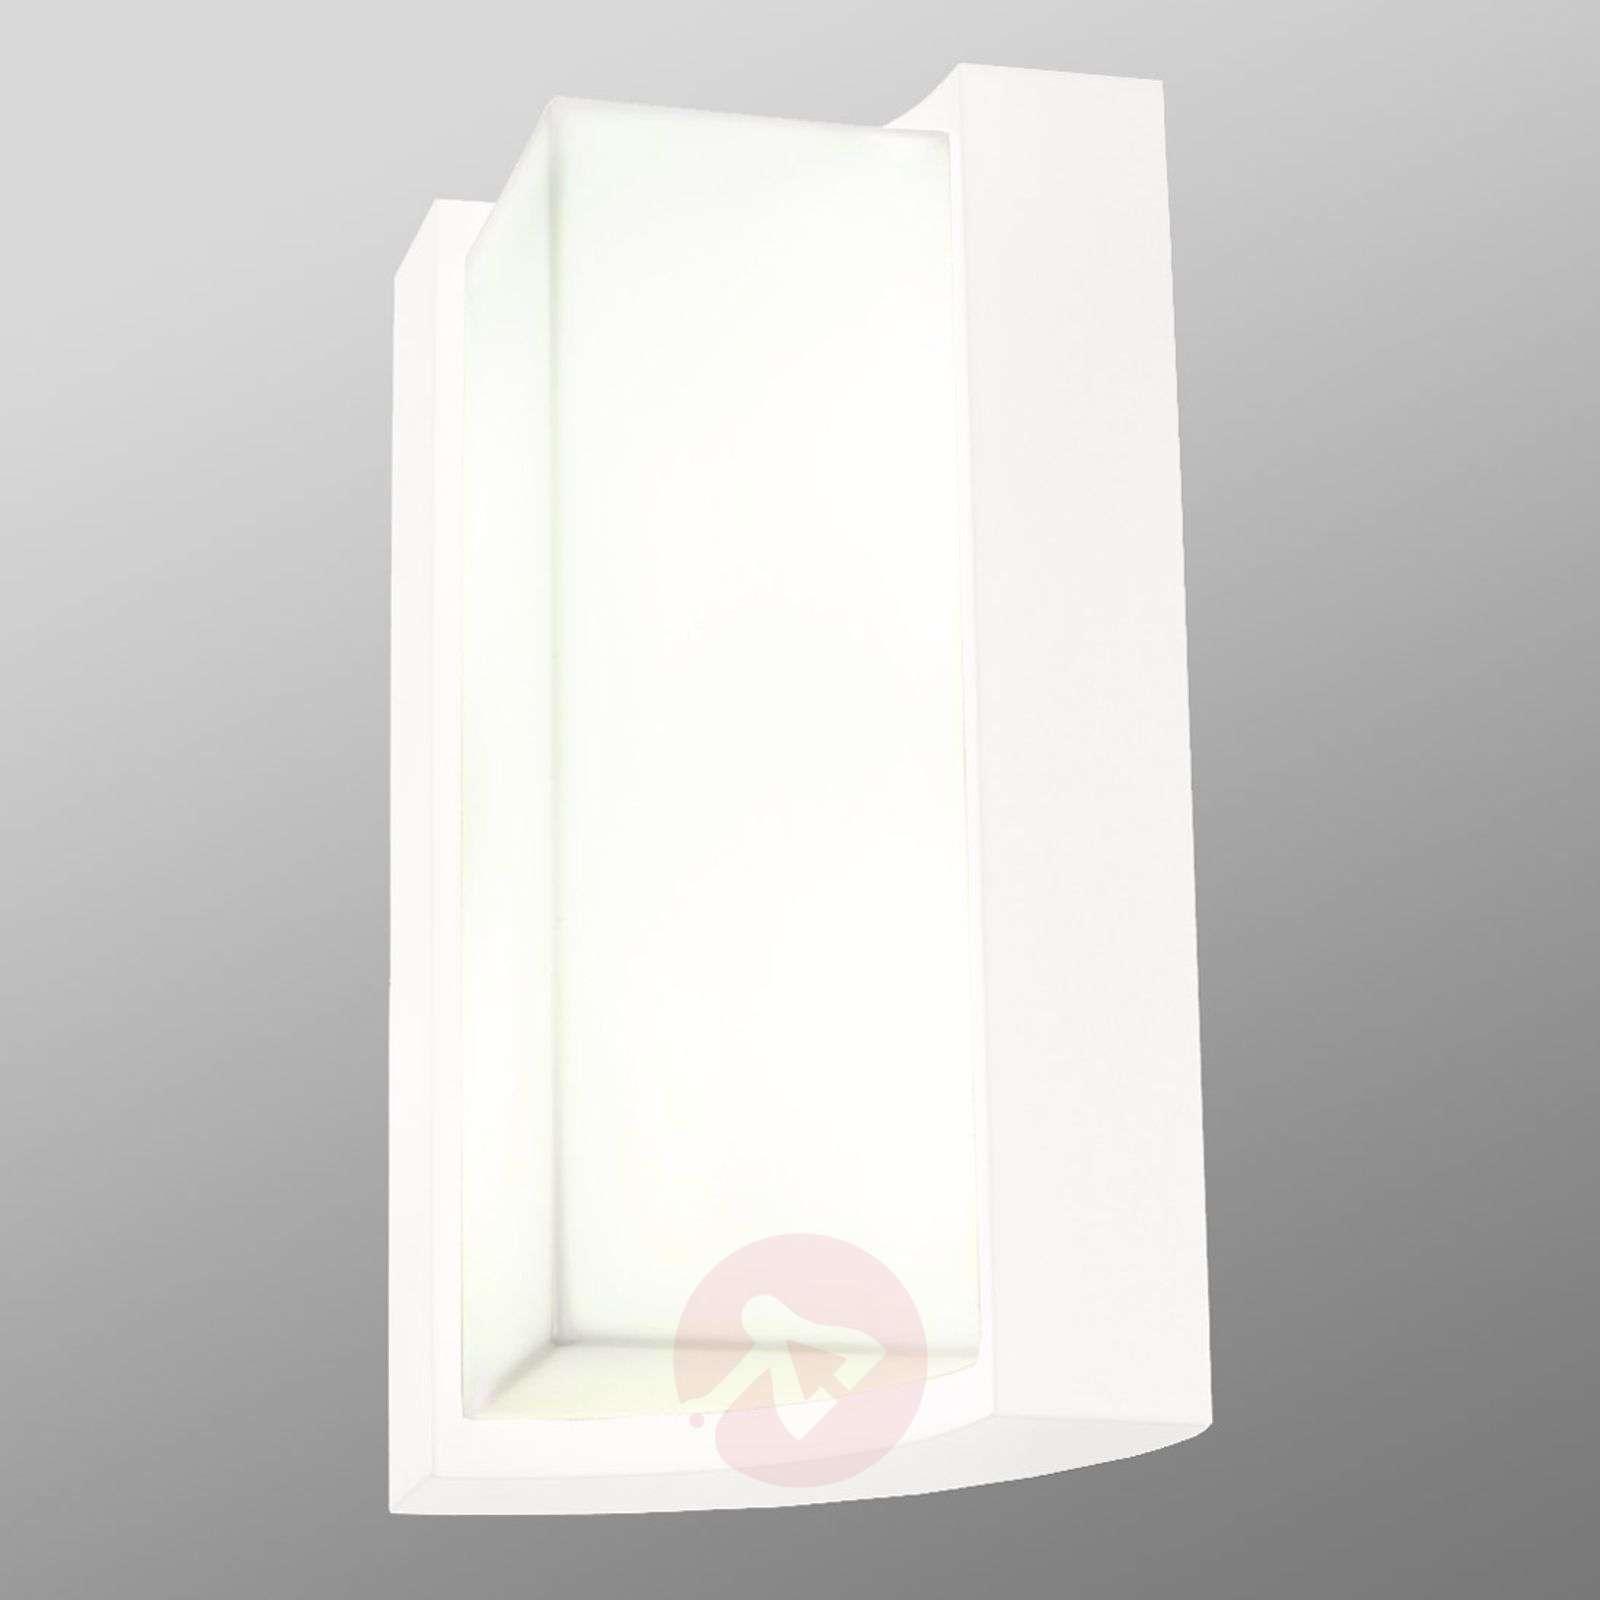 Moderni Tirano-ulkoseinävalaisin LED-lampuilla-3012159X-01